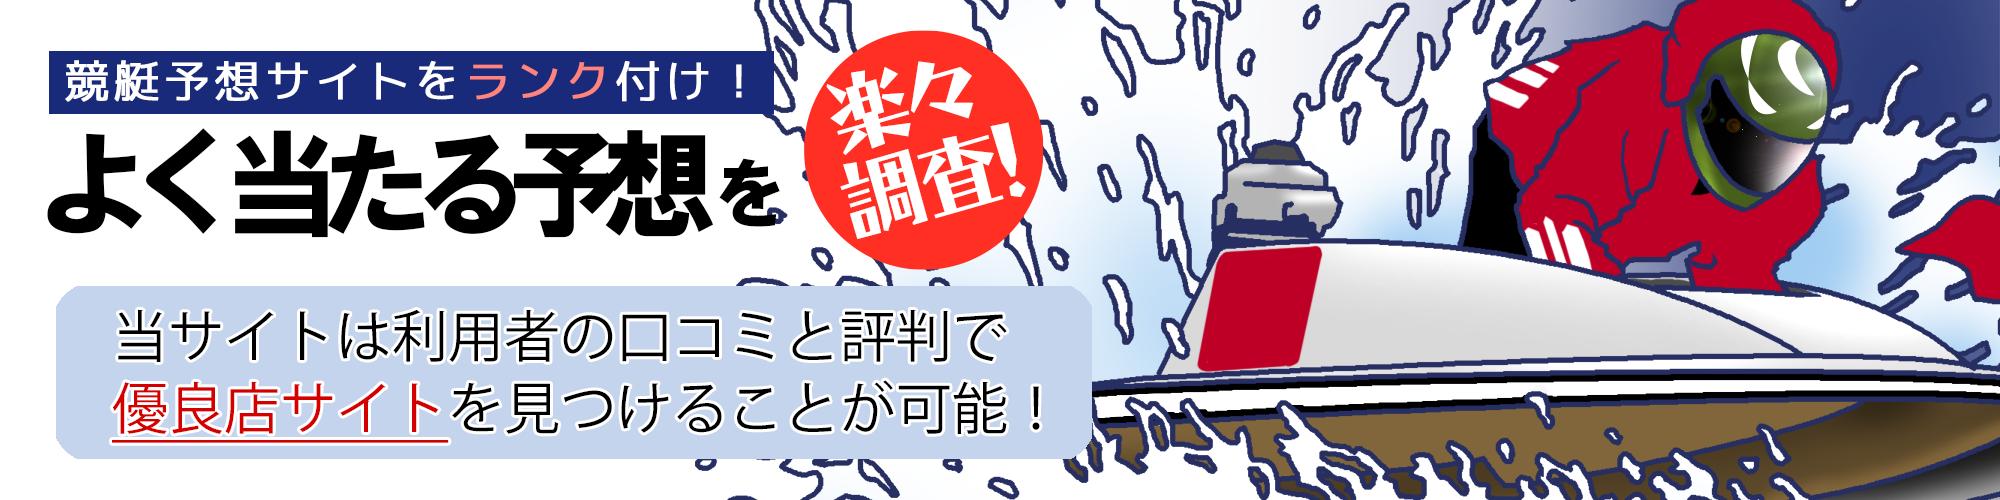 競艇予想サイトを口コミと評判でランク付けし無料公開!